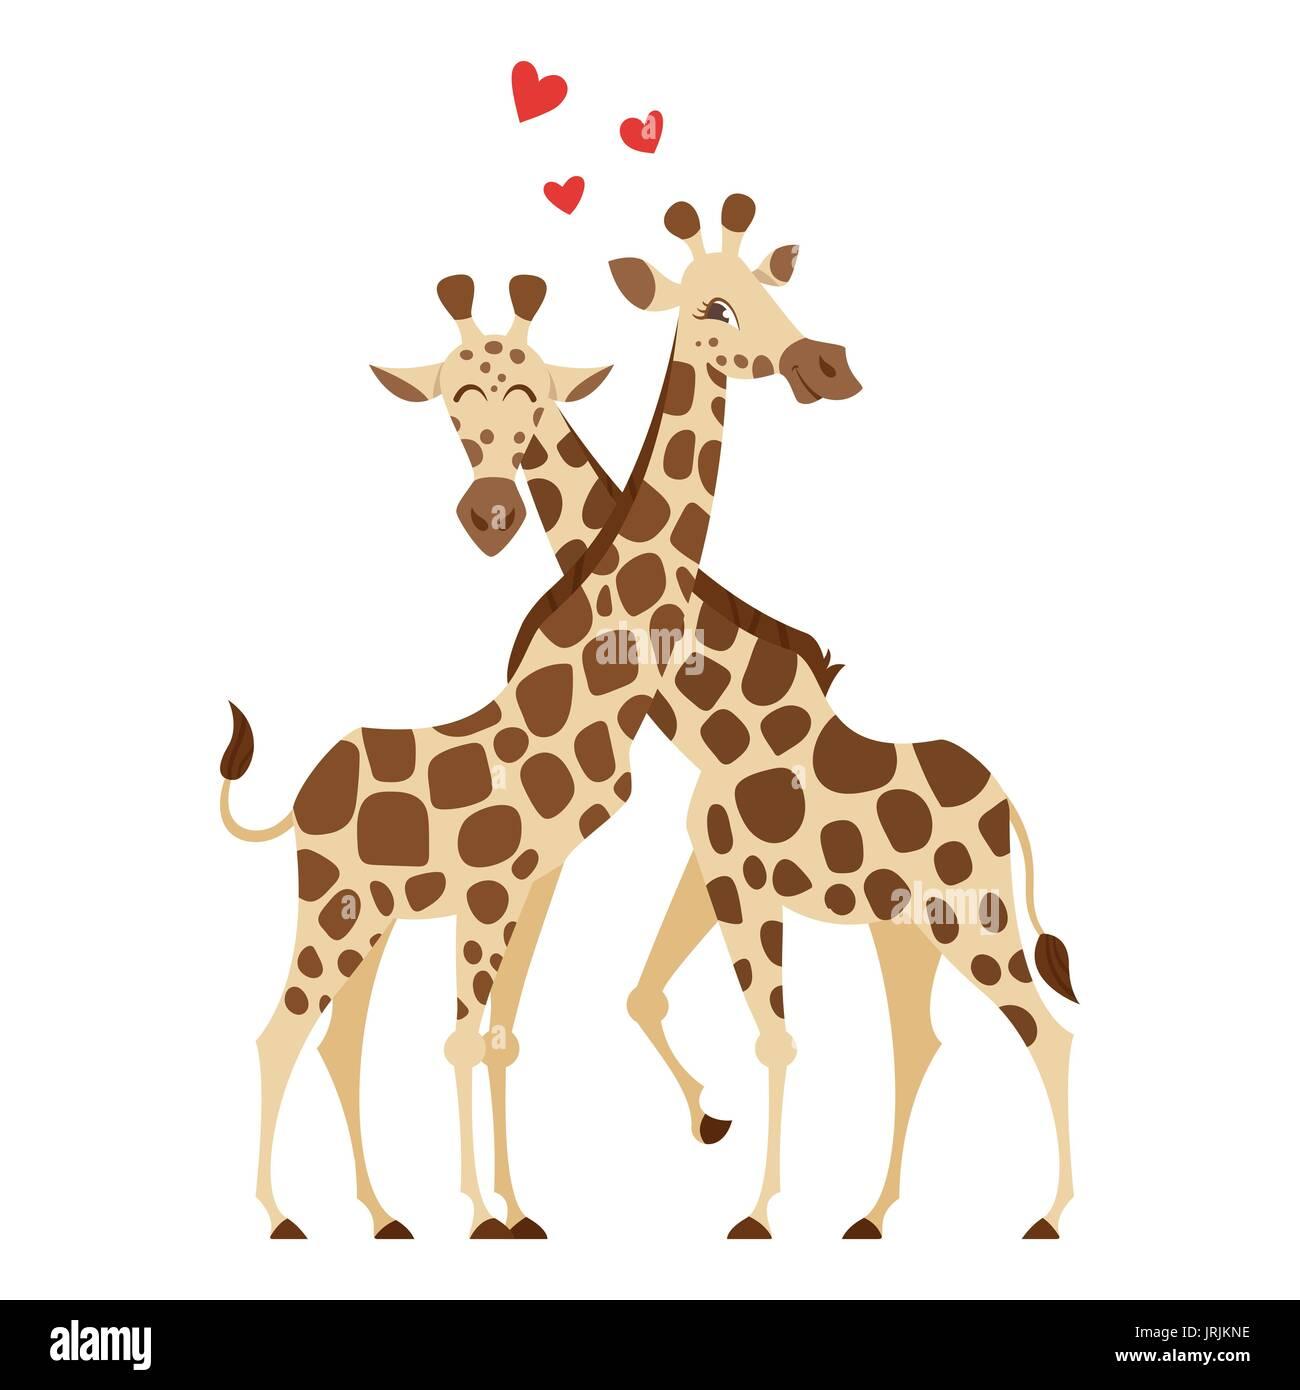 Vector cartoon style illustration de deux girafes. Isolé sur fond blanc. Illustration de Vecteur